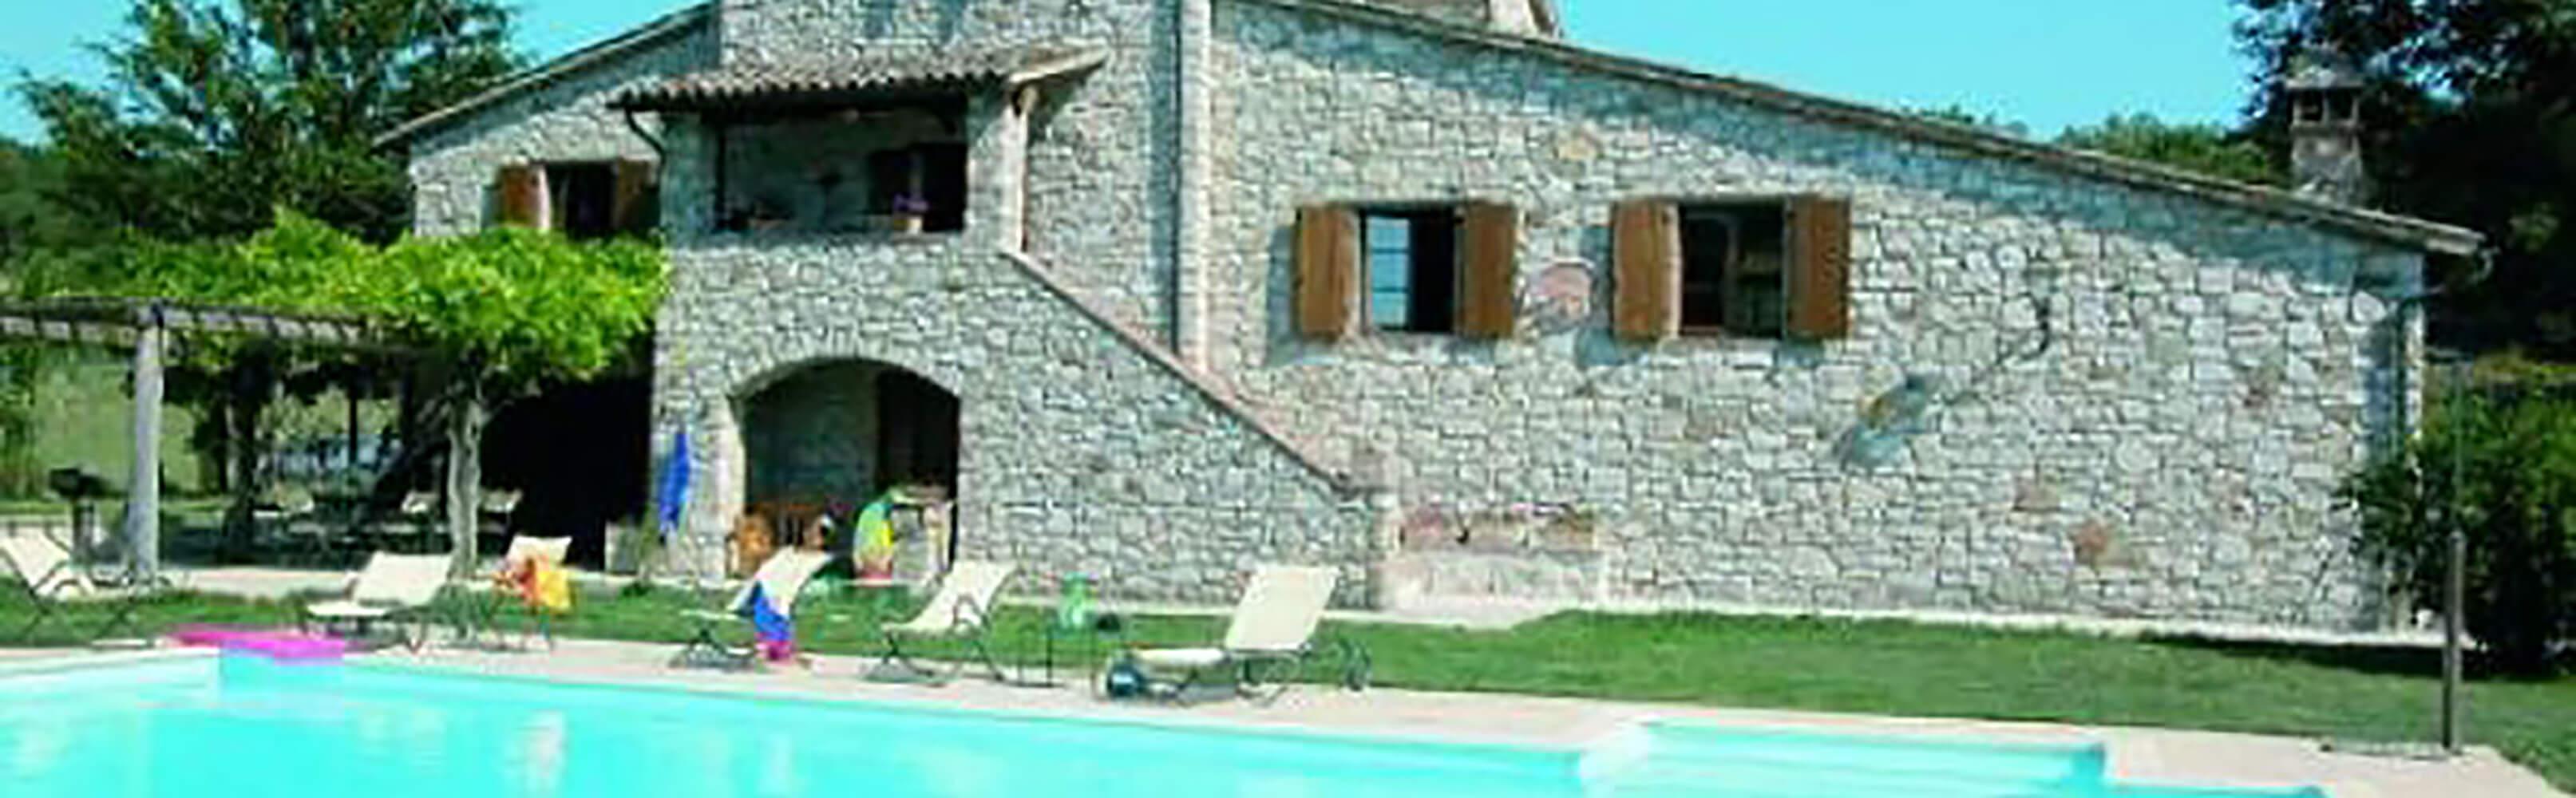 Cuendet Toscana Ferienhäuser mit Atmosphäre 1